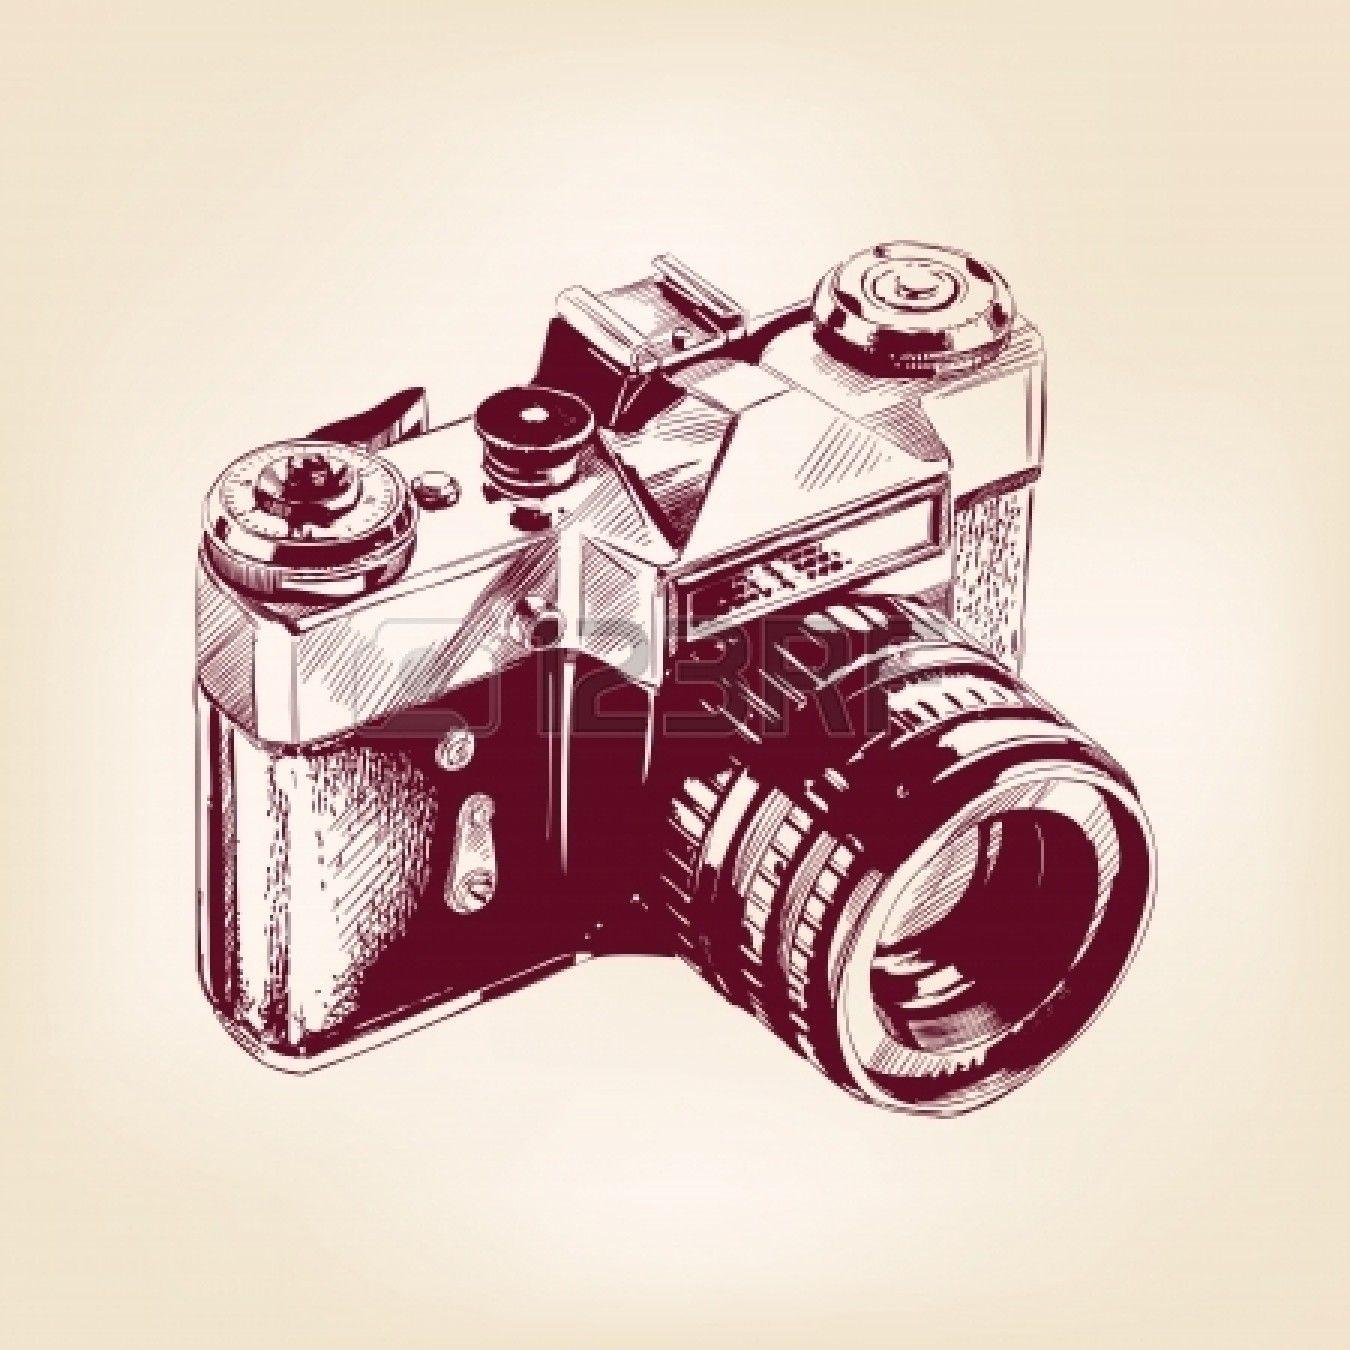 Stock Vector in 2020 Camera illustration, Vintage camera